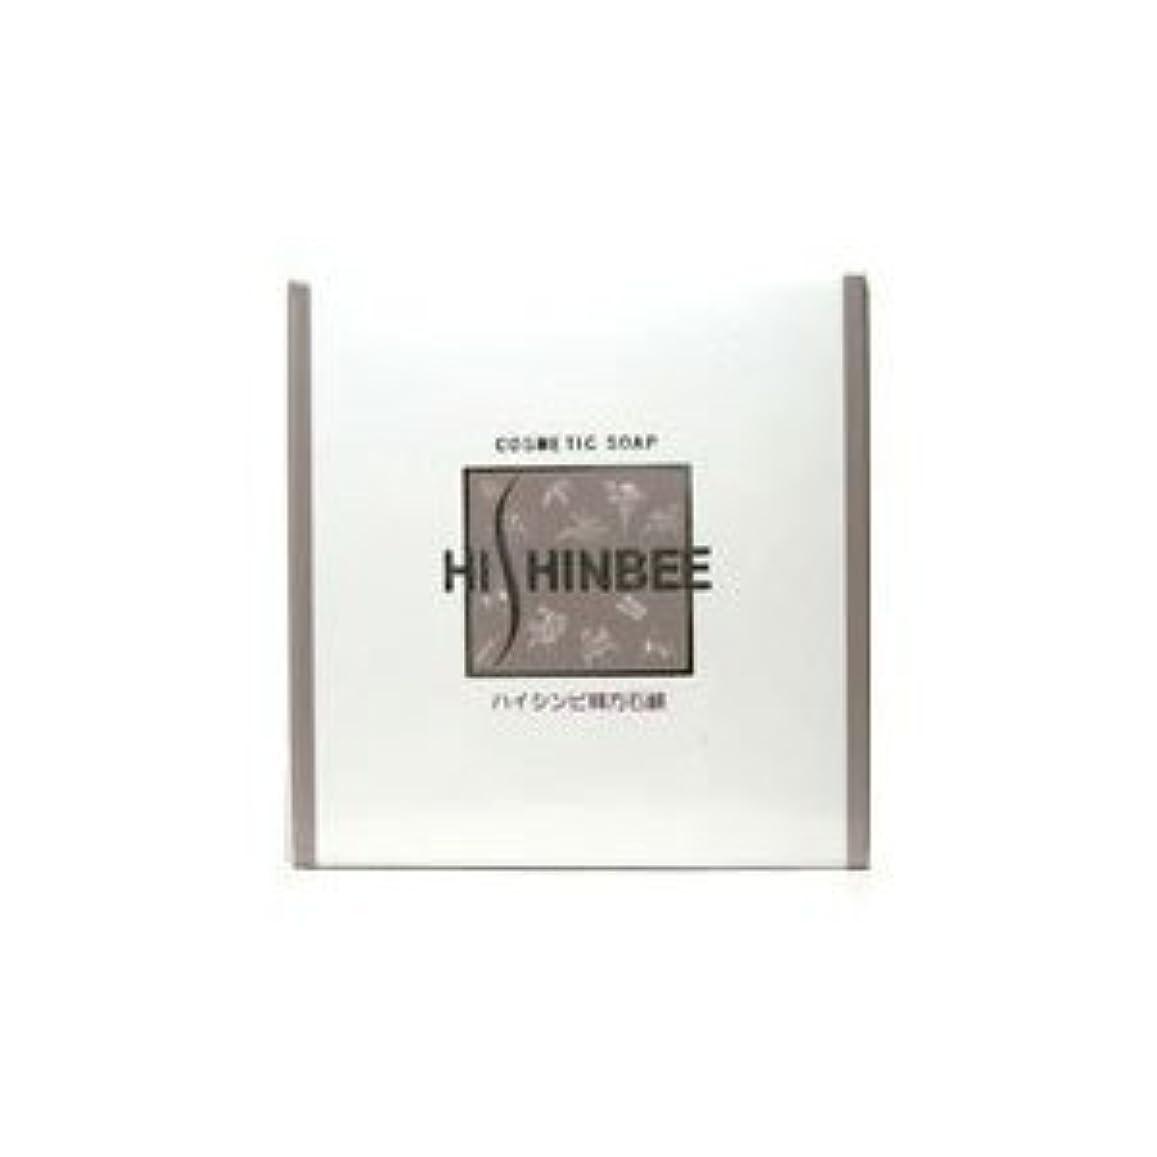 輝度債務者美徳★韓国産★ハイシンビ 韓方石鹸 120g 1BOX(24個)